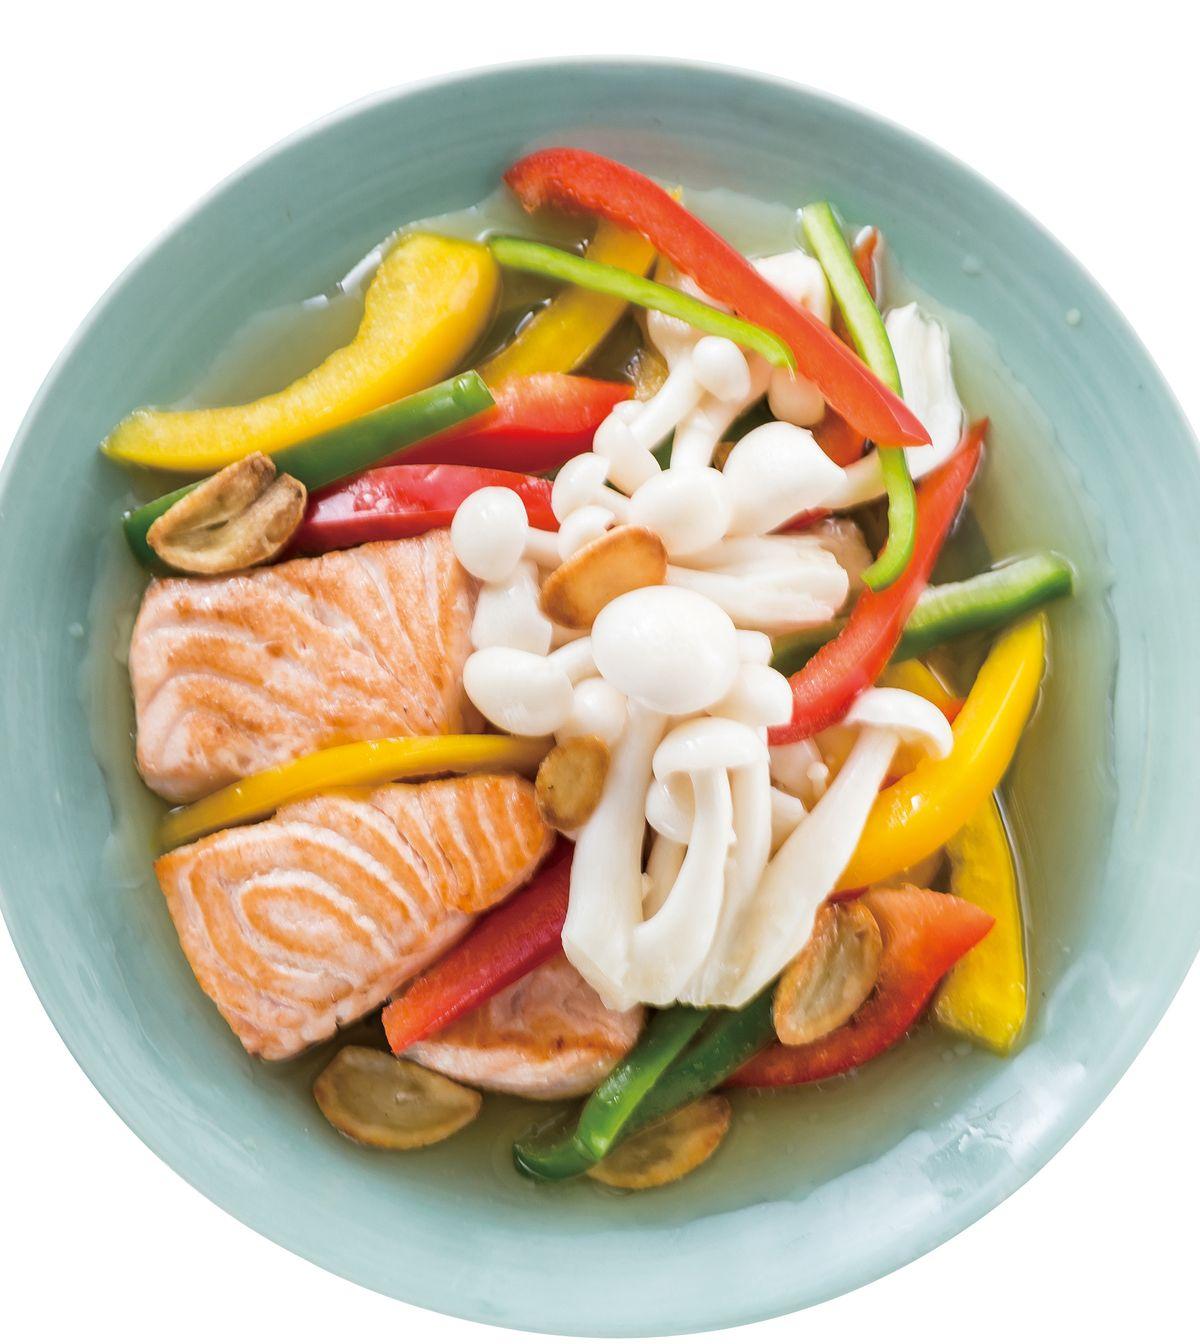 食譜:彩椒雪白鮭魚沙拉